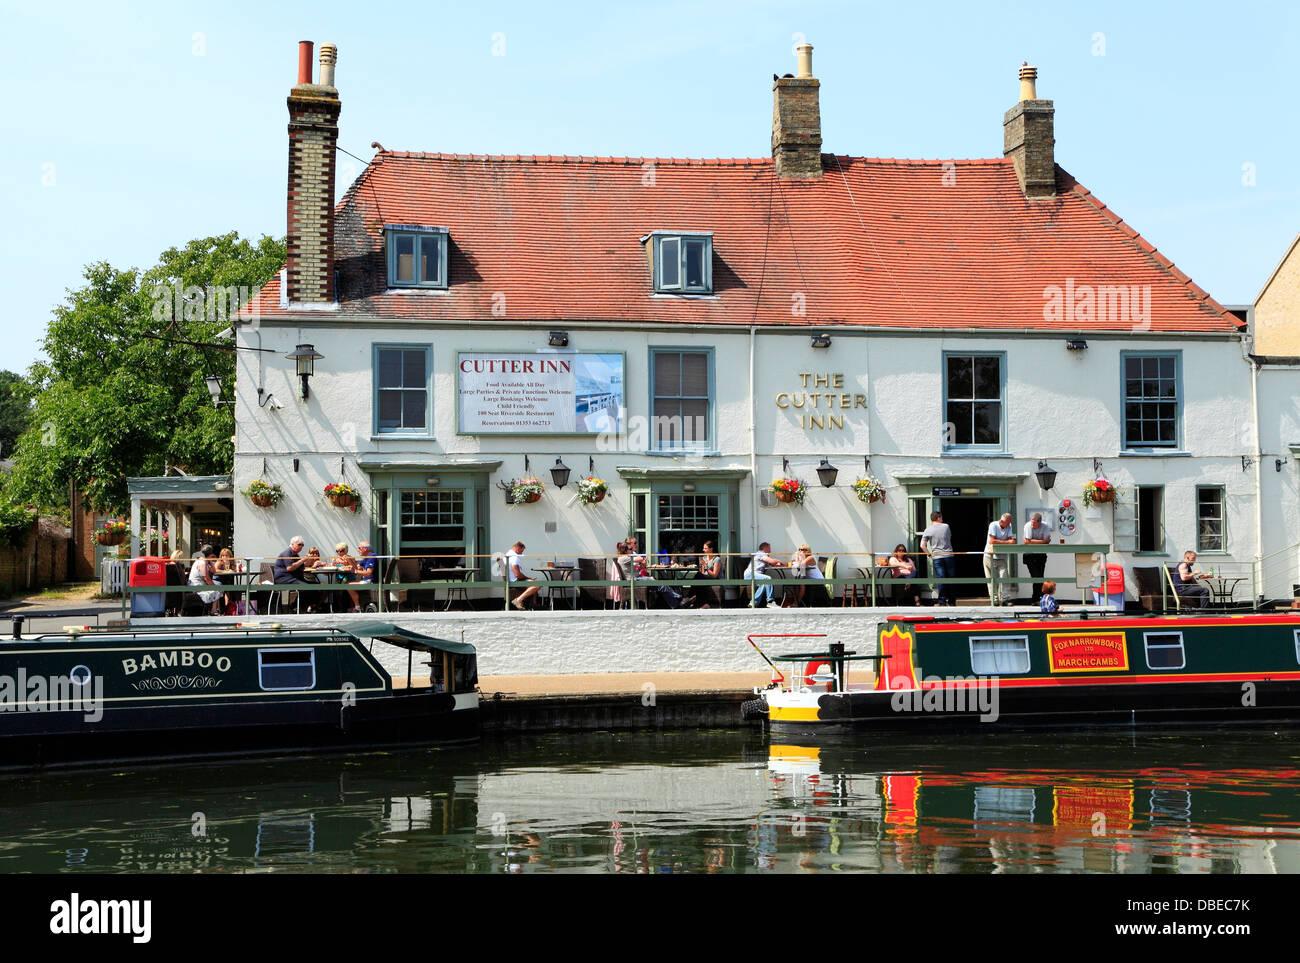 Ely, Cutter Inn, rivière Ouse, bateaux, barges, Cambridgeshire England UK English Auberge rivières pubs Photo Stock